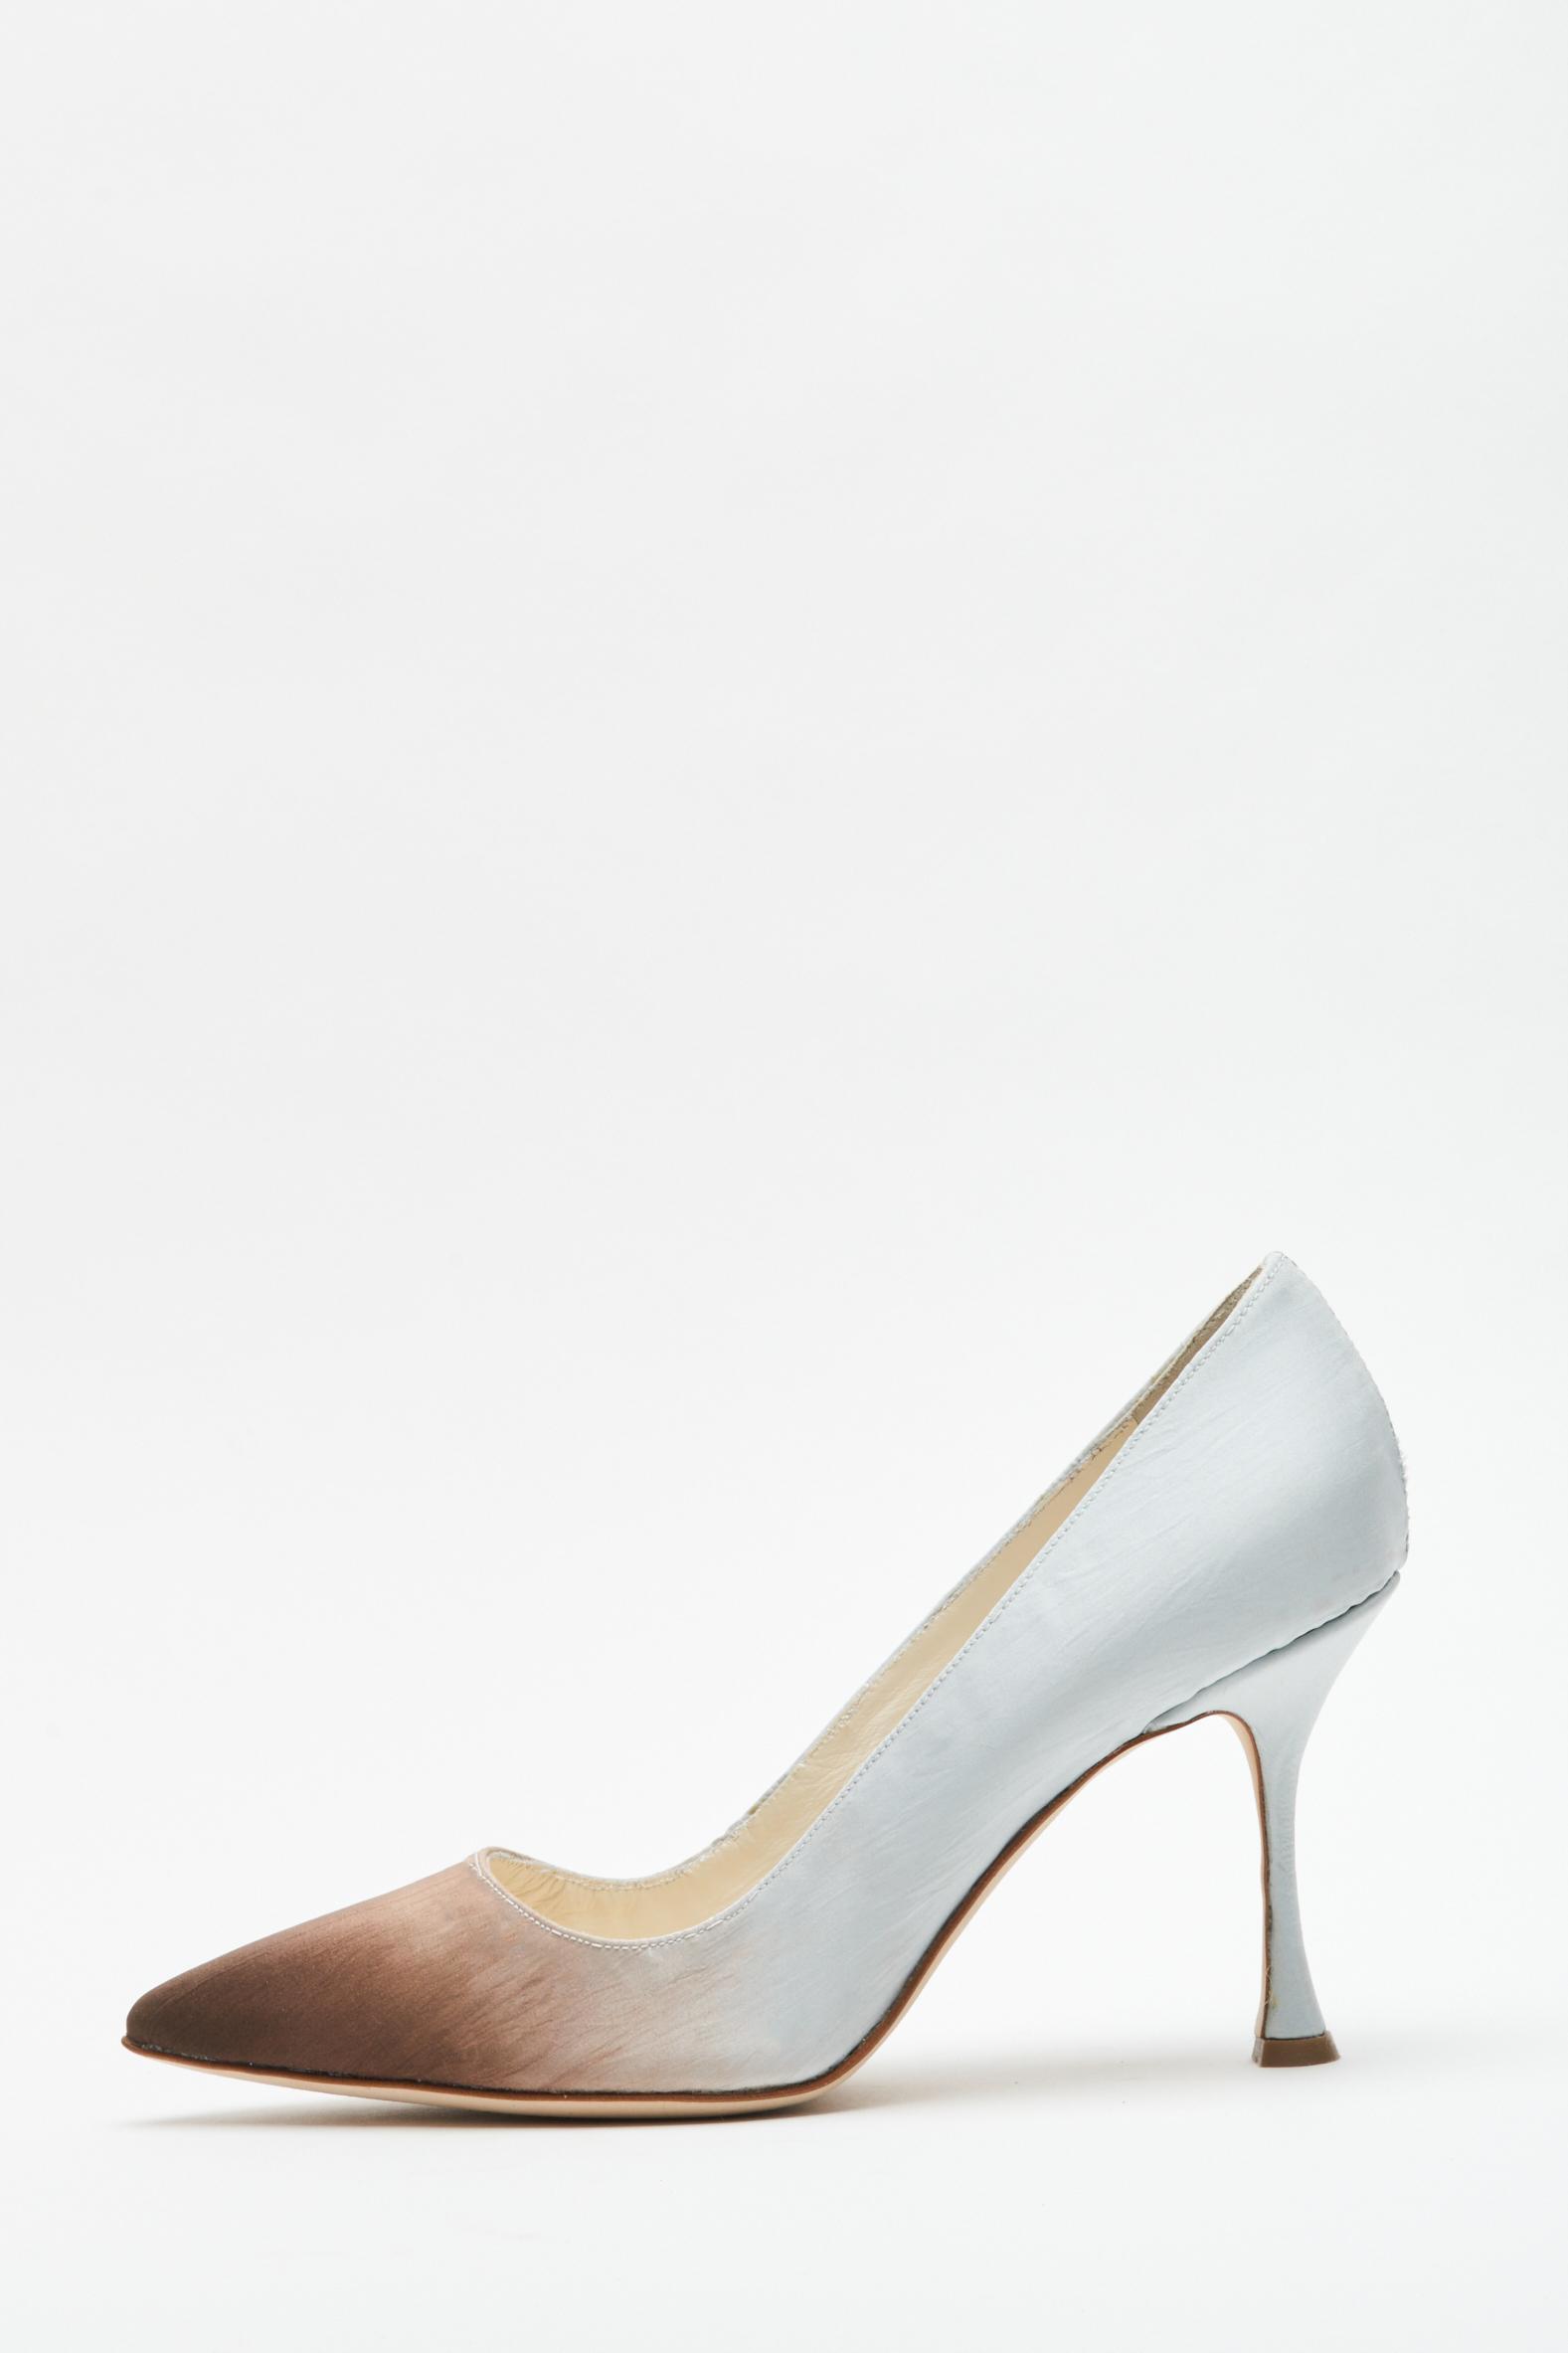 Zapatos de novia Manolo Blahnik para Danielle Frankel, vestidos de novia Danielle Frankel - Wedding Hub - 09